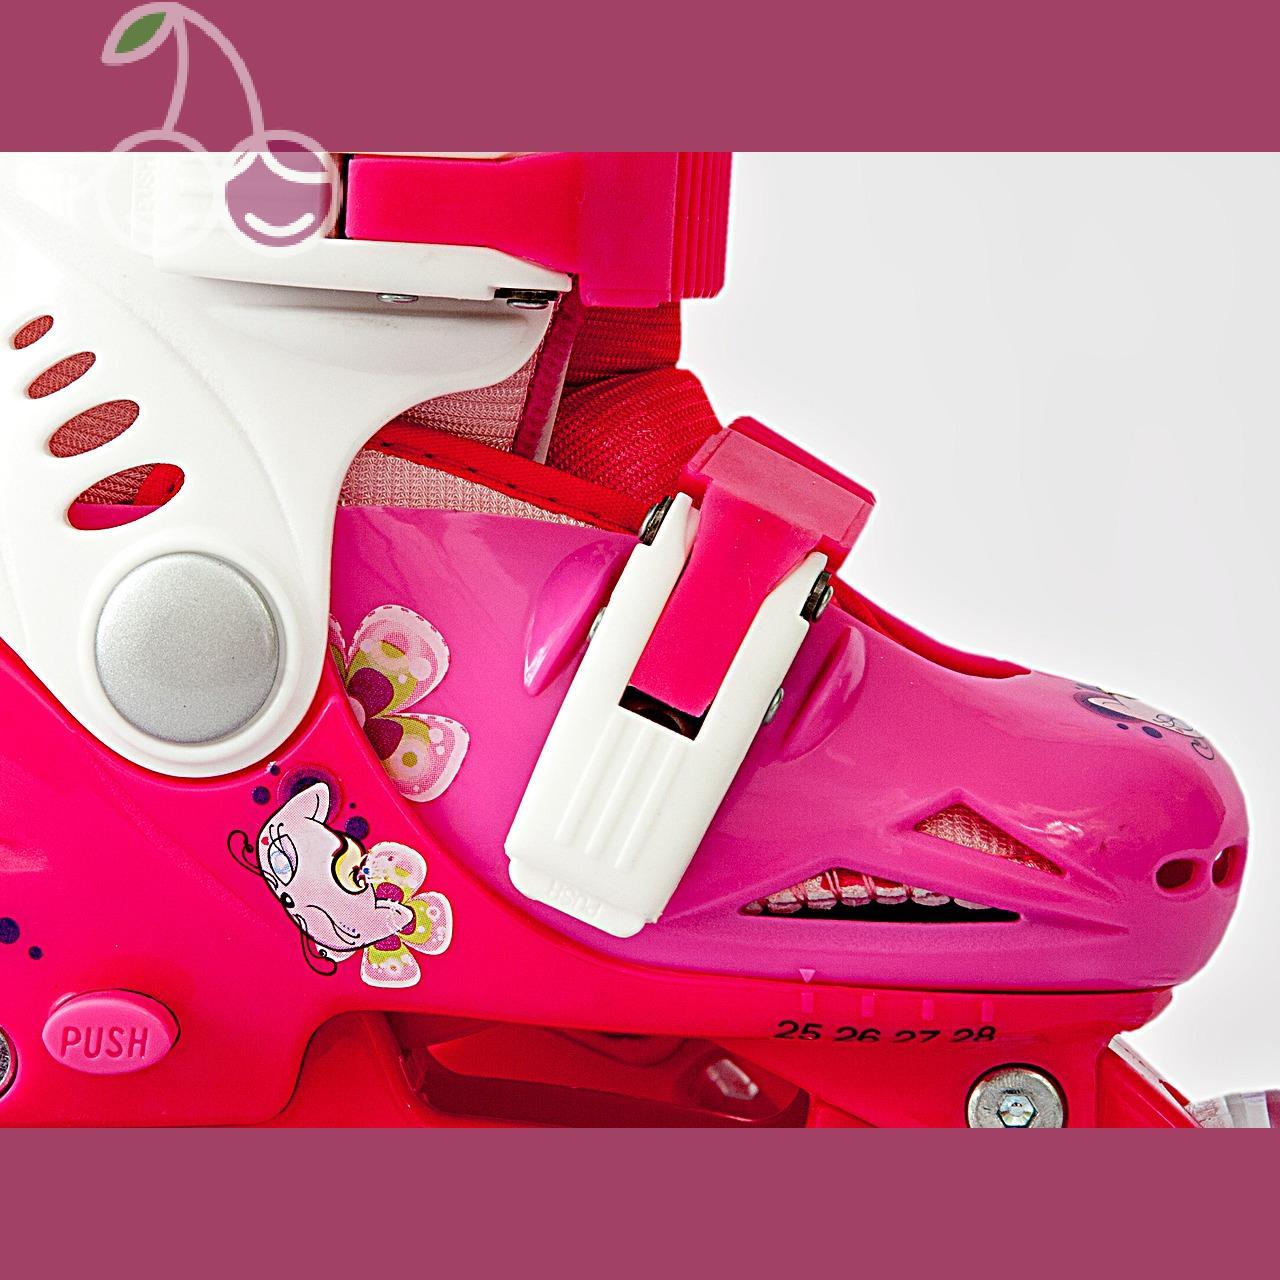 Роликовые коньки детские 28 размер, для обучения (трансформеры, раздвижной ботинок) MagicWheels розовые, - фото 3